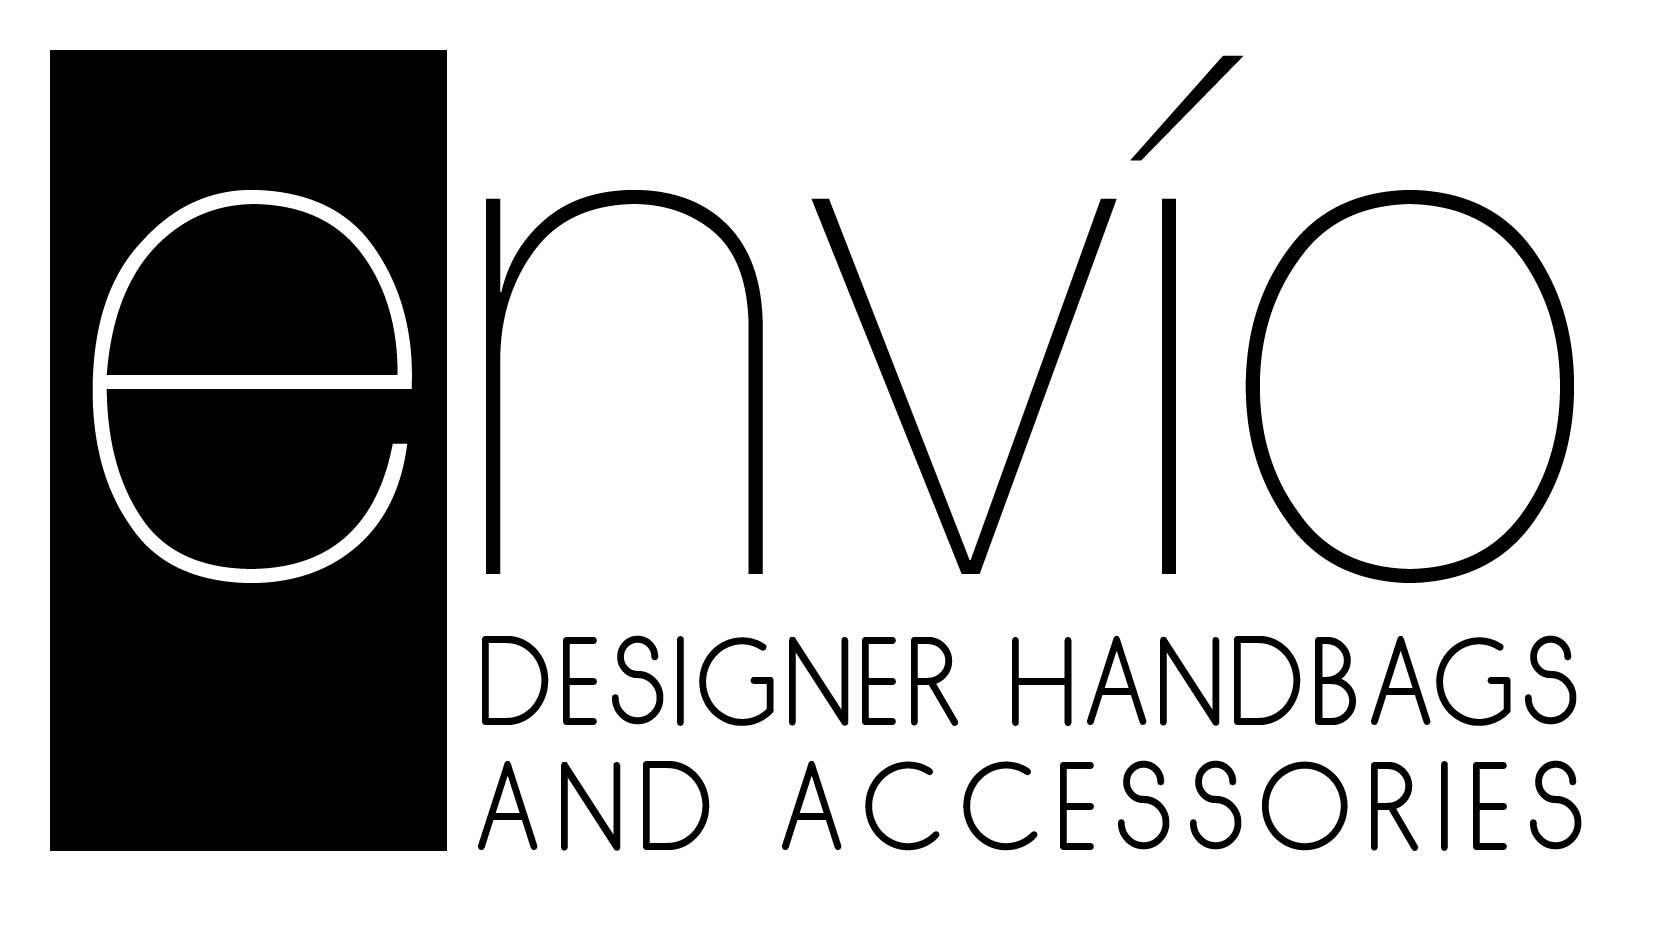 envio Designer Handbags